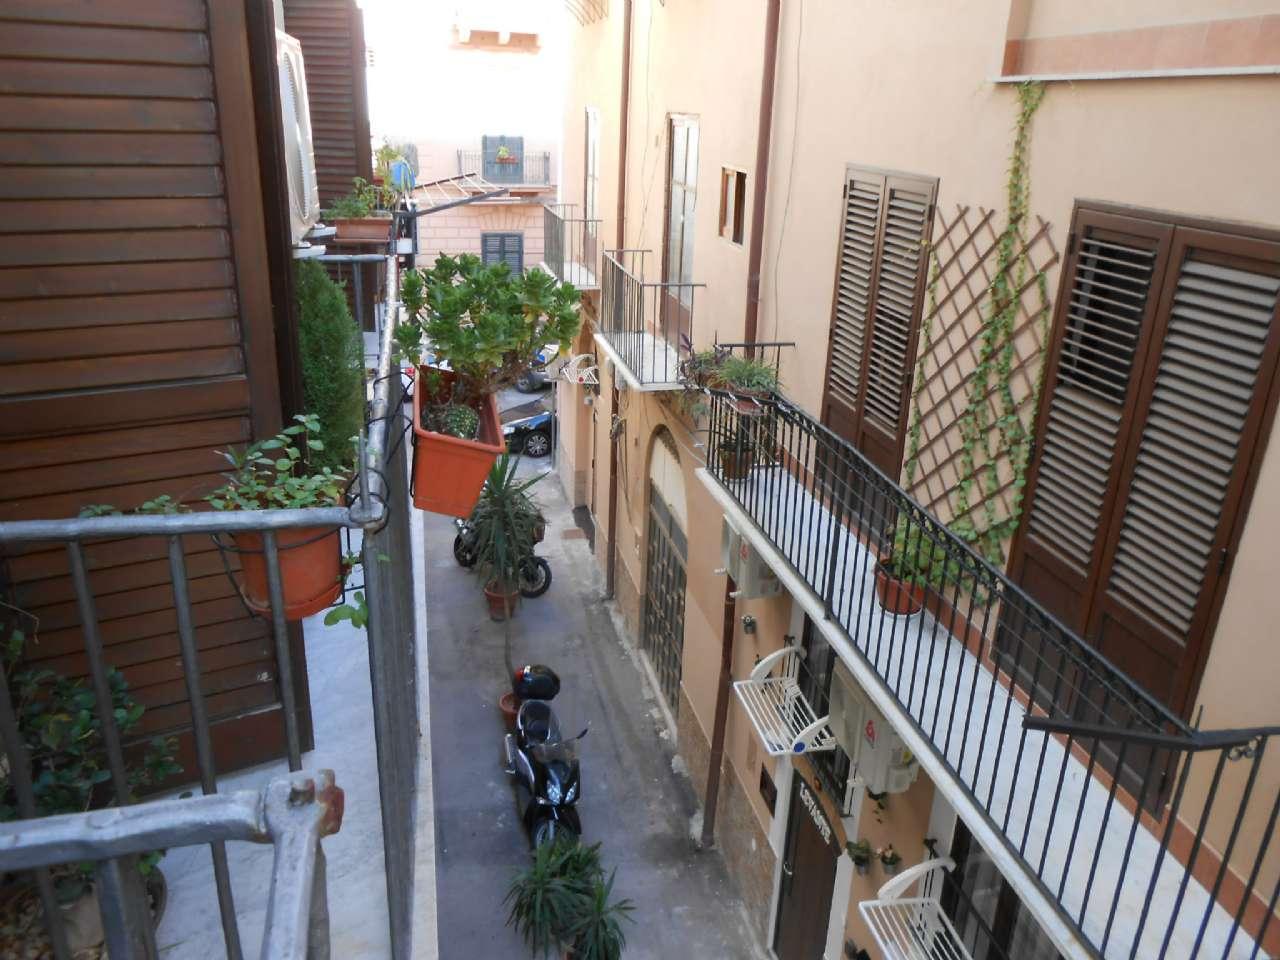 Trilocale, Vicolo del Capraio, centro storico, Palermo, foto 15